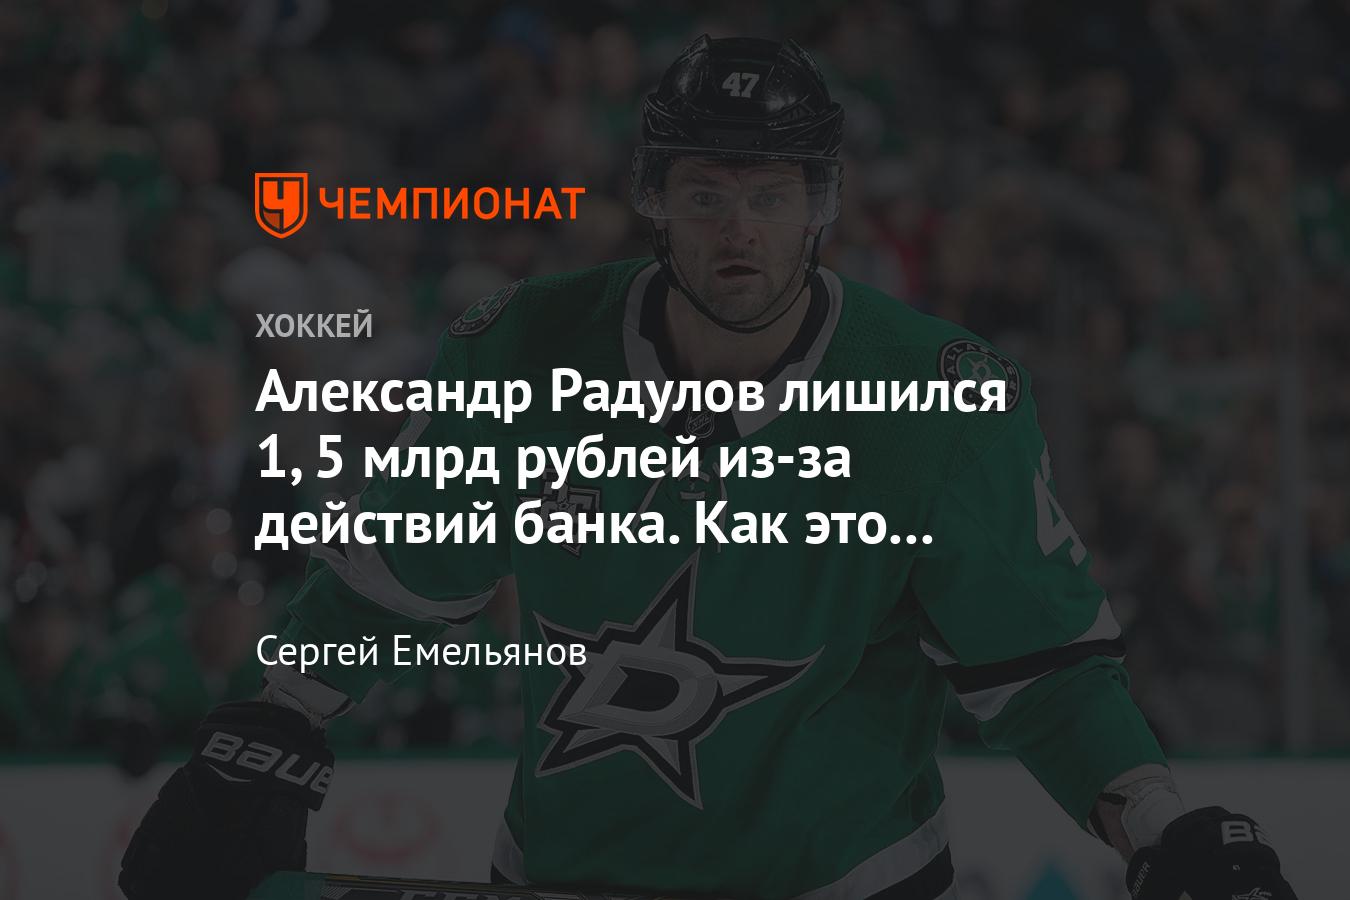 Радулов пять лет переводил зарплату в российский банк, у которого отобрали лицензию